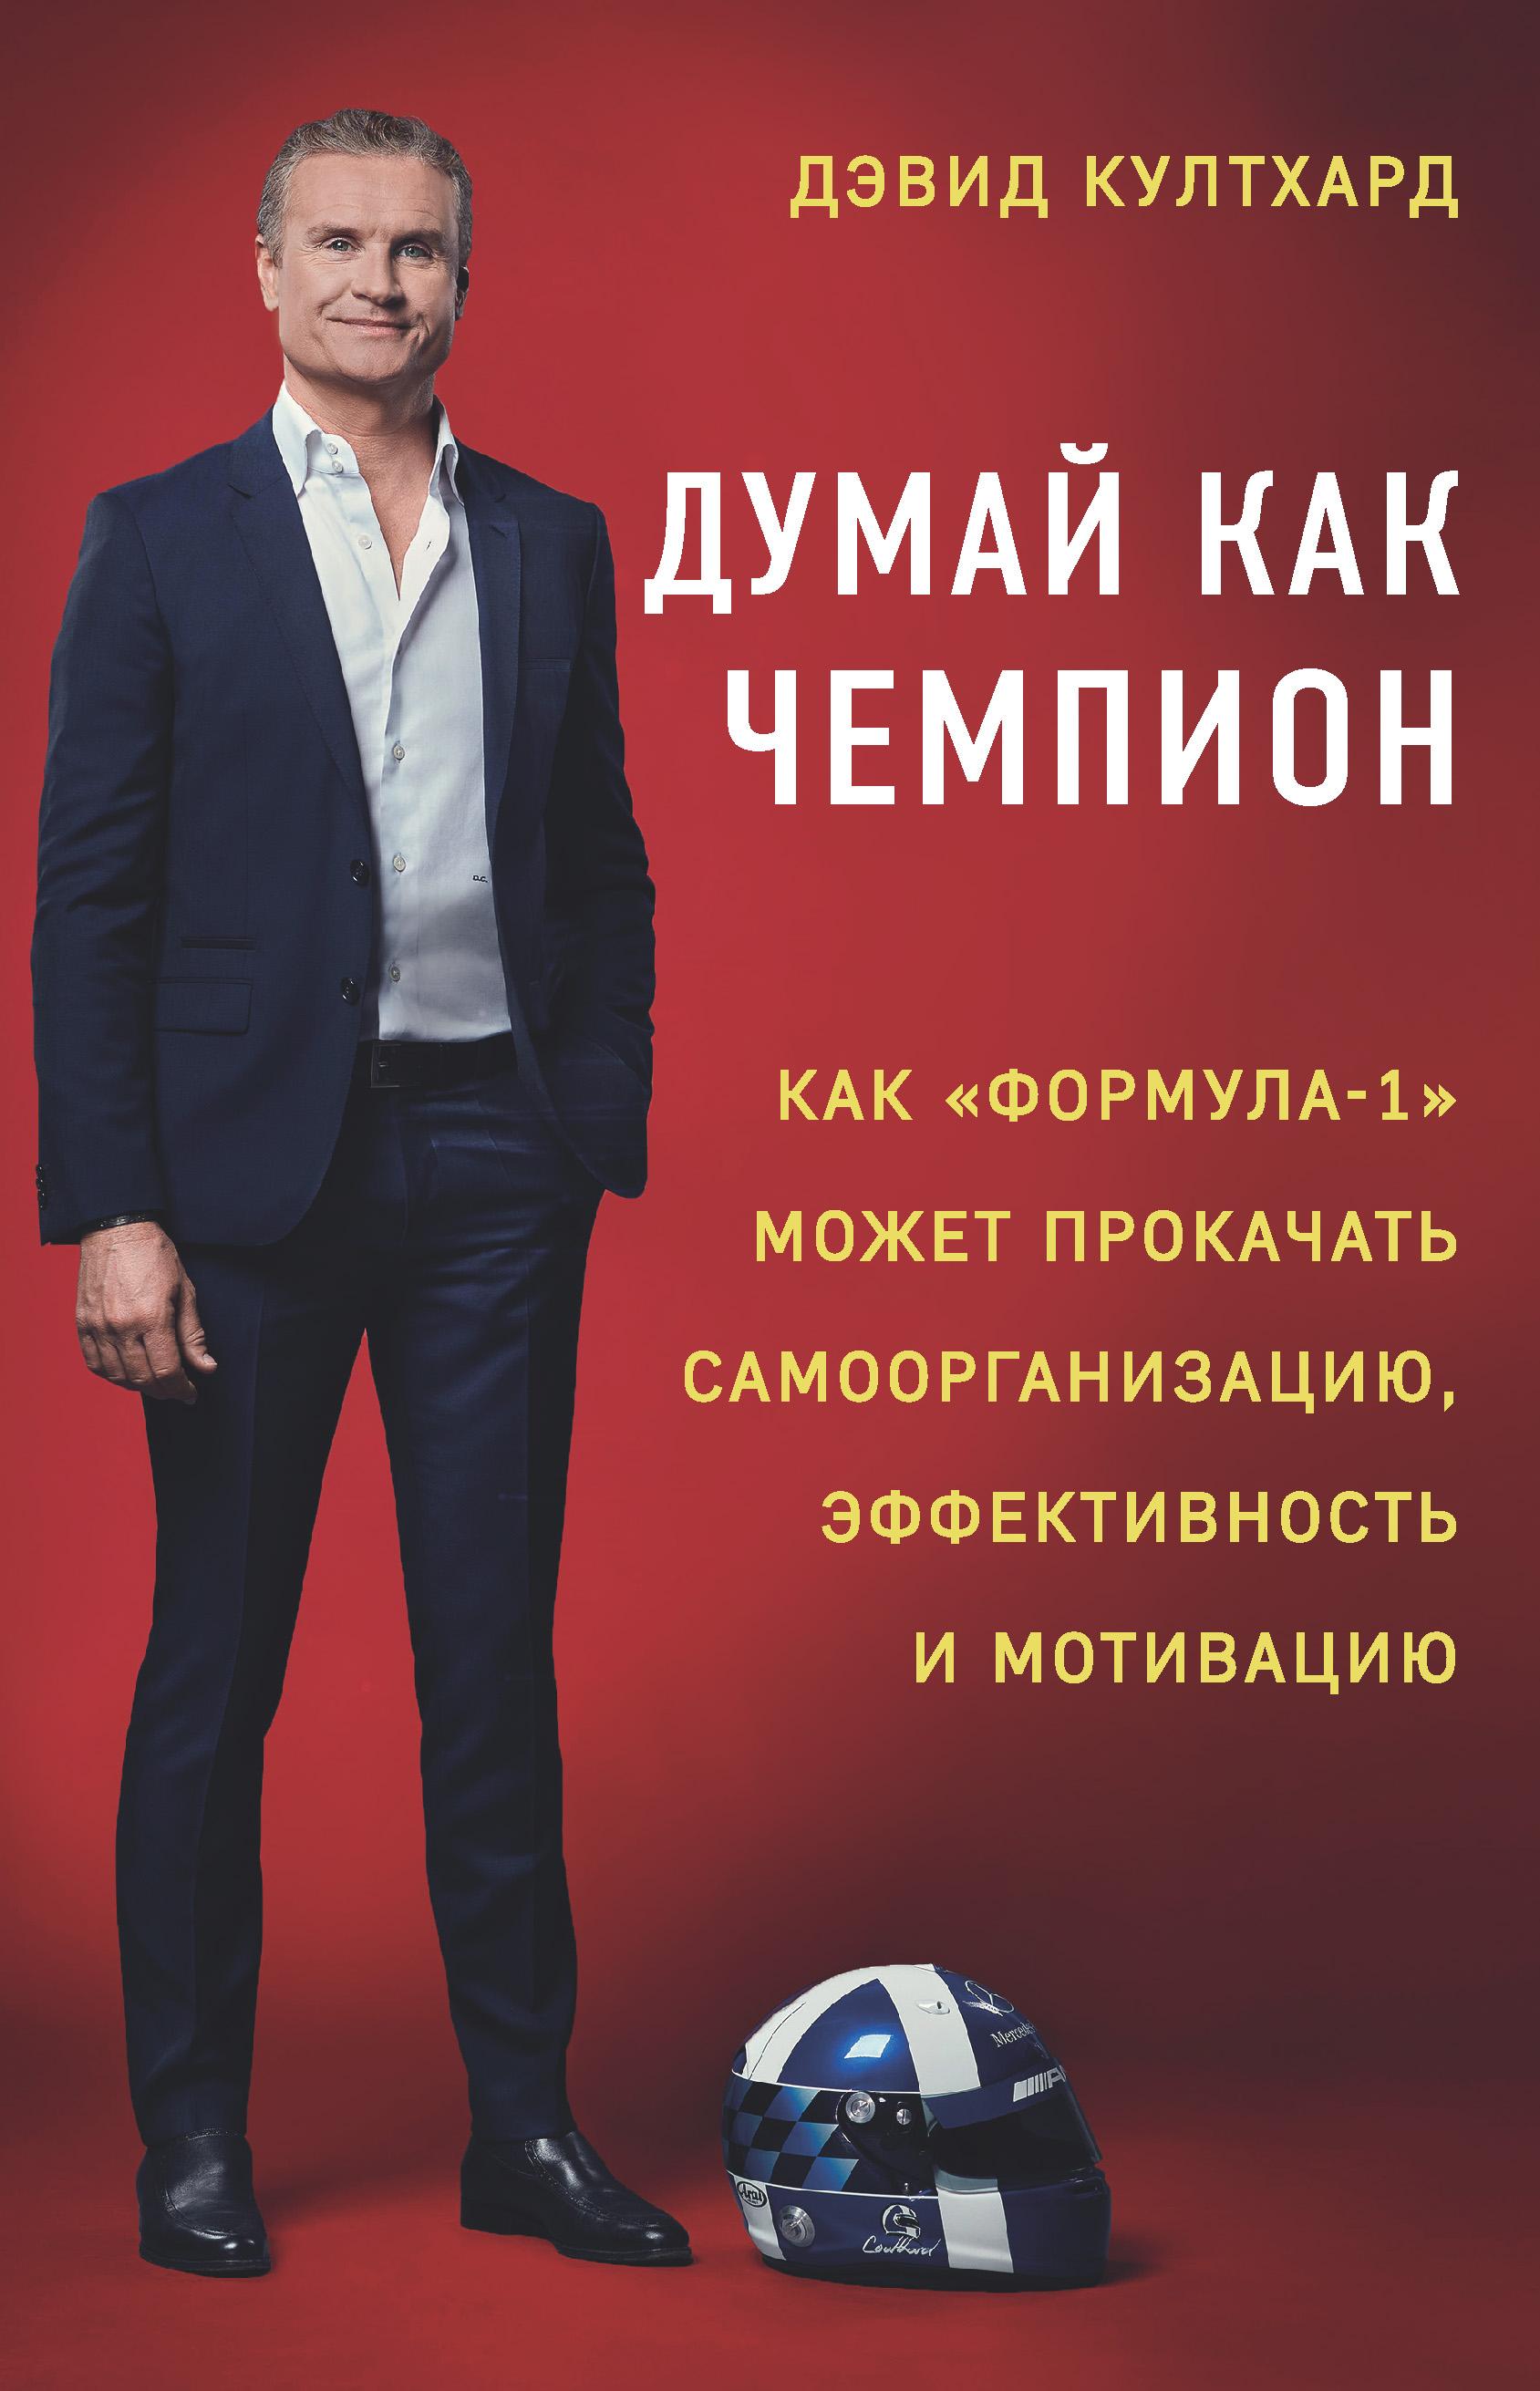 Обложка книги Думай как чемпион: как «Формула-1» может прокачать самоорганизацию, эффективность и мотивацию